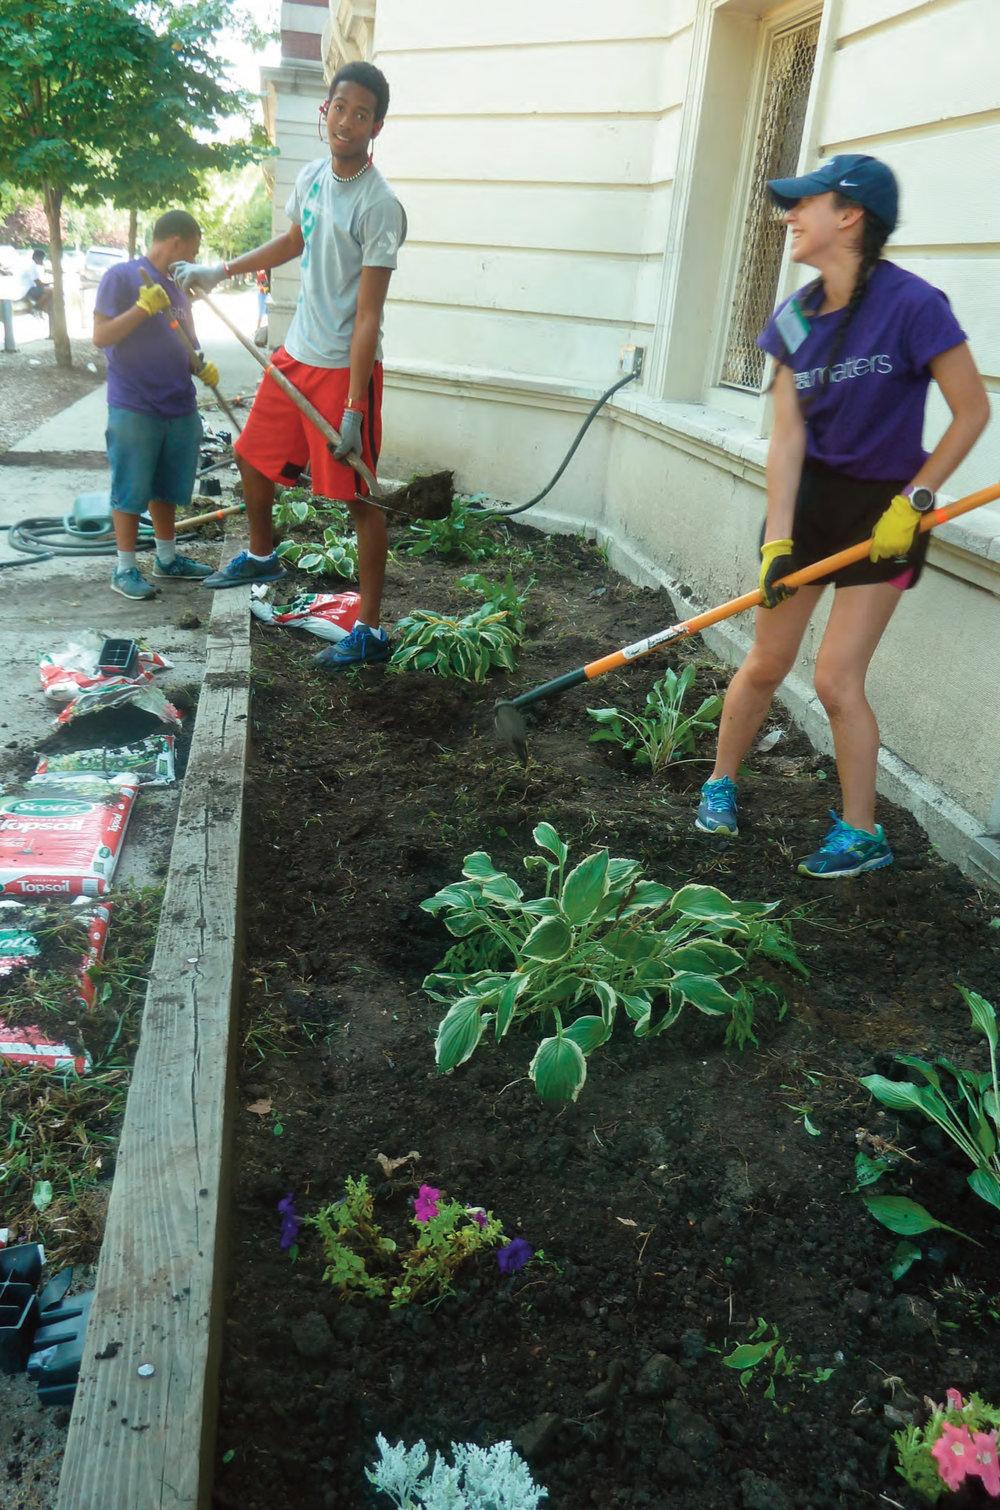 Building a garden.